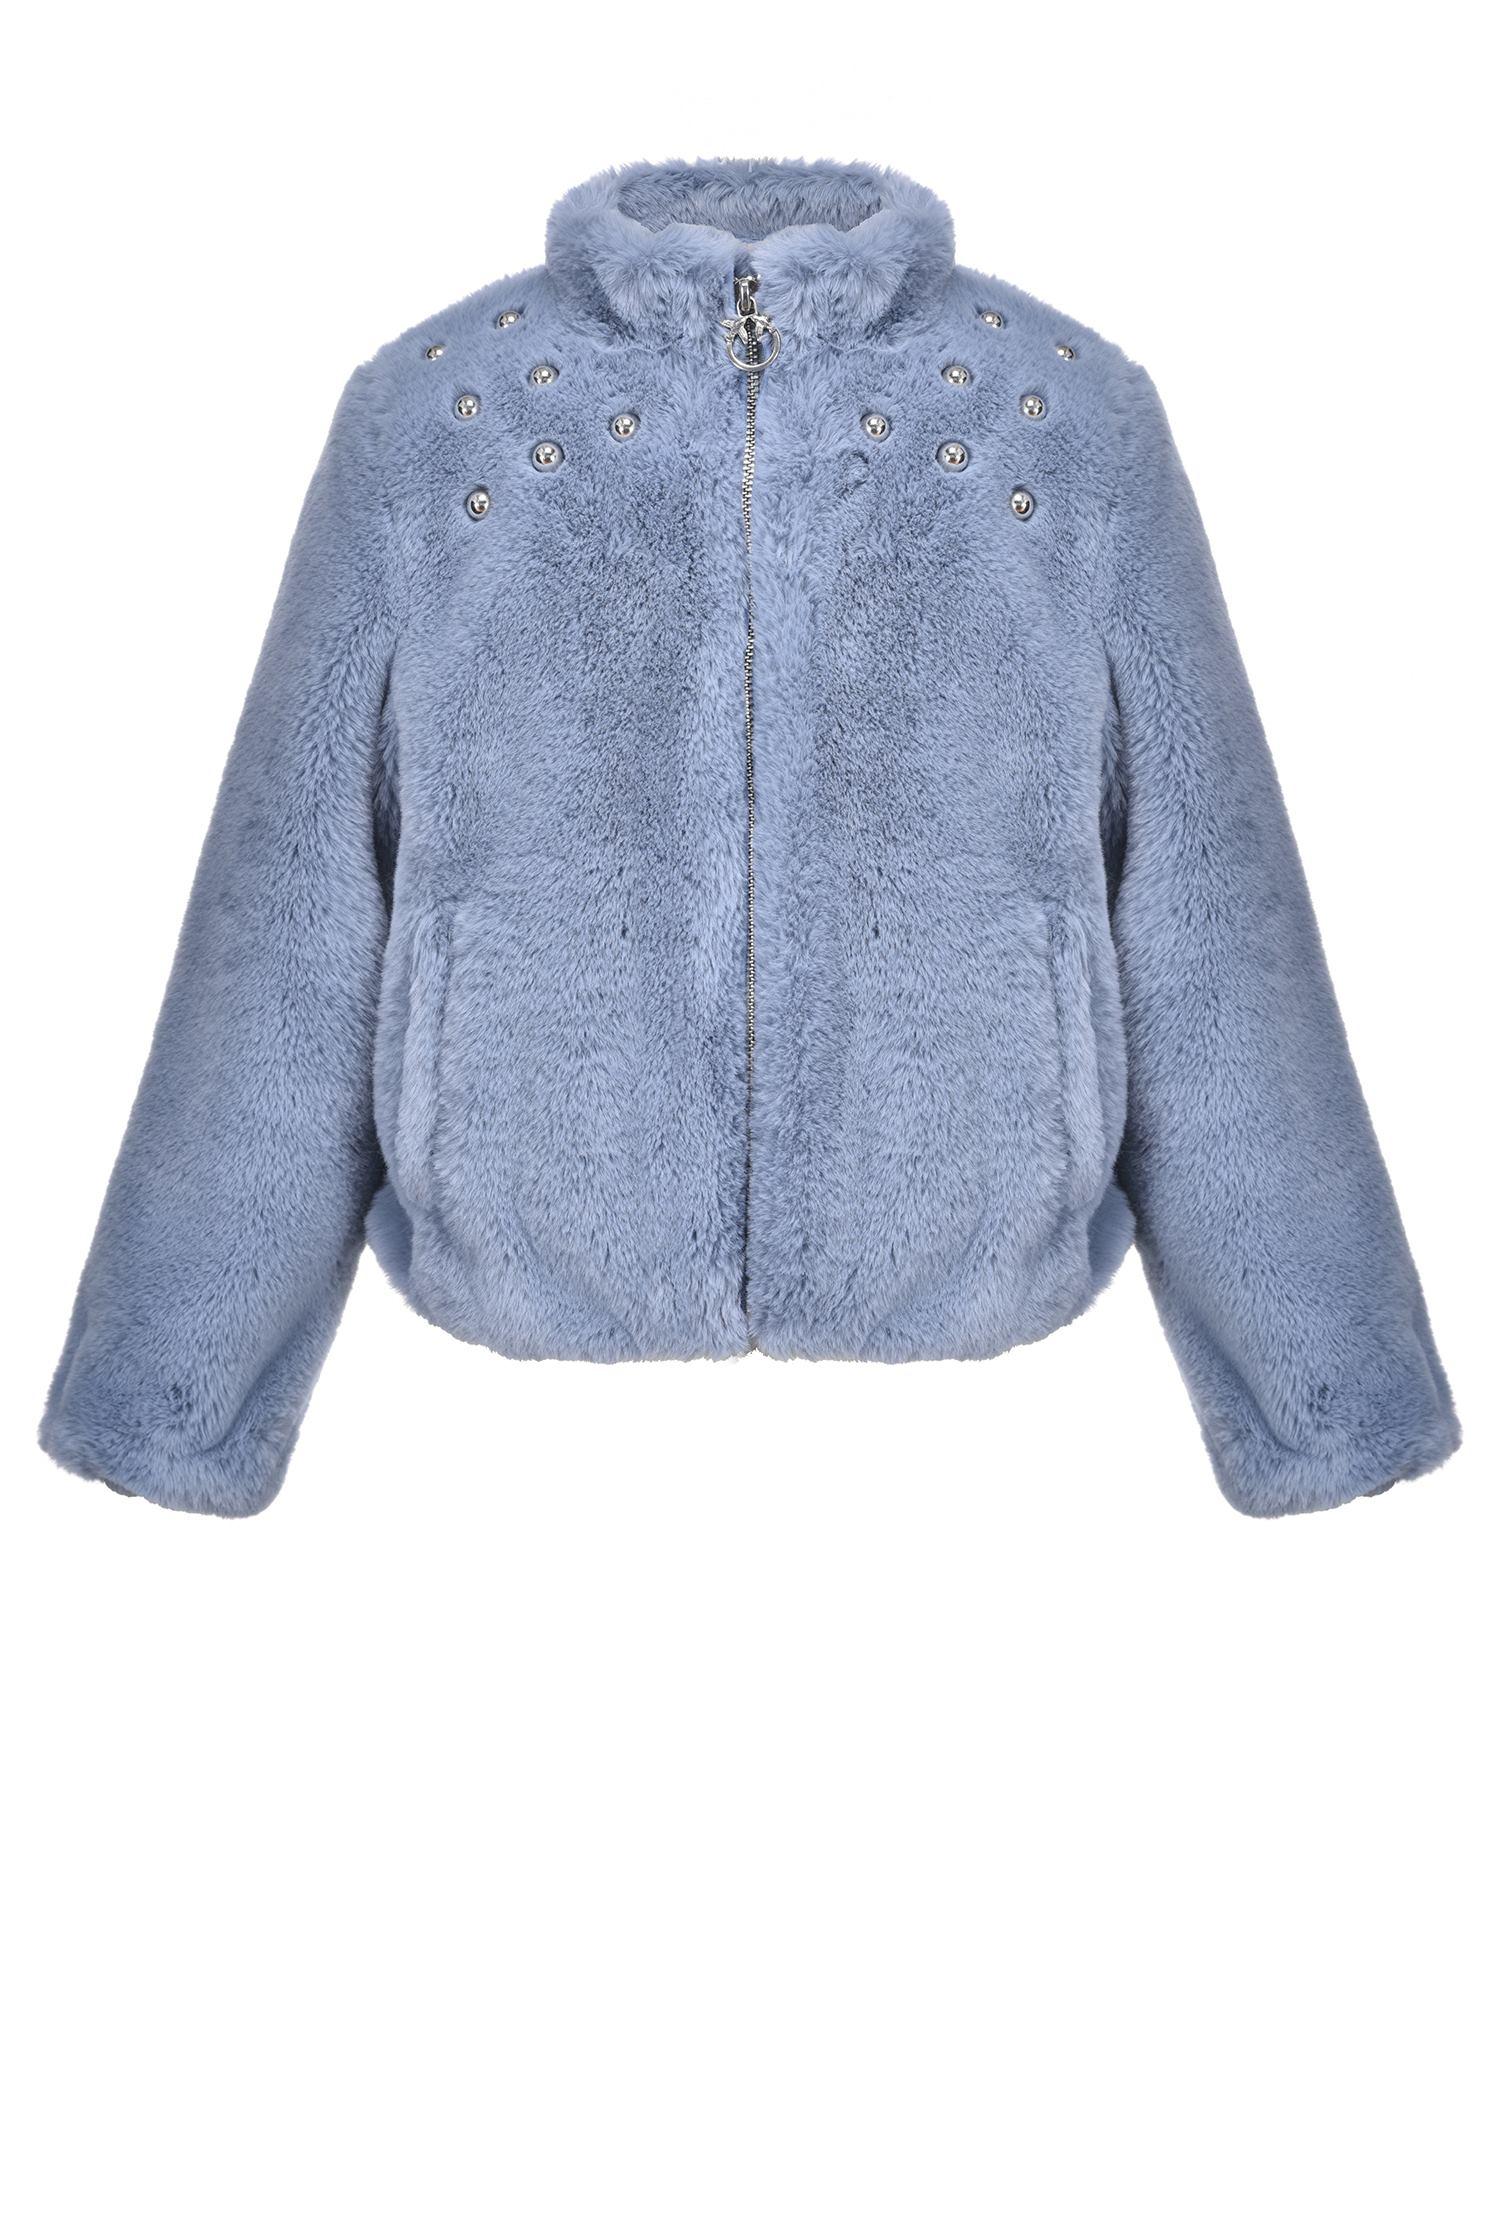 wholesale outlet best sneakers new arrivals PINKO Giubbino in ecopelliccia con borchie azzurro bambina